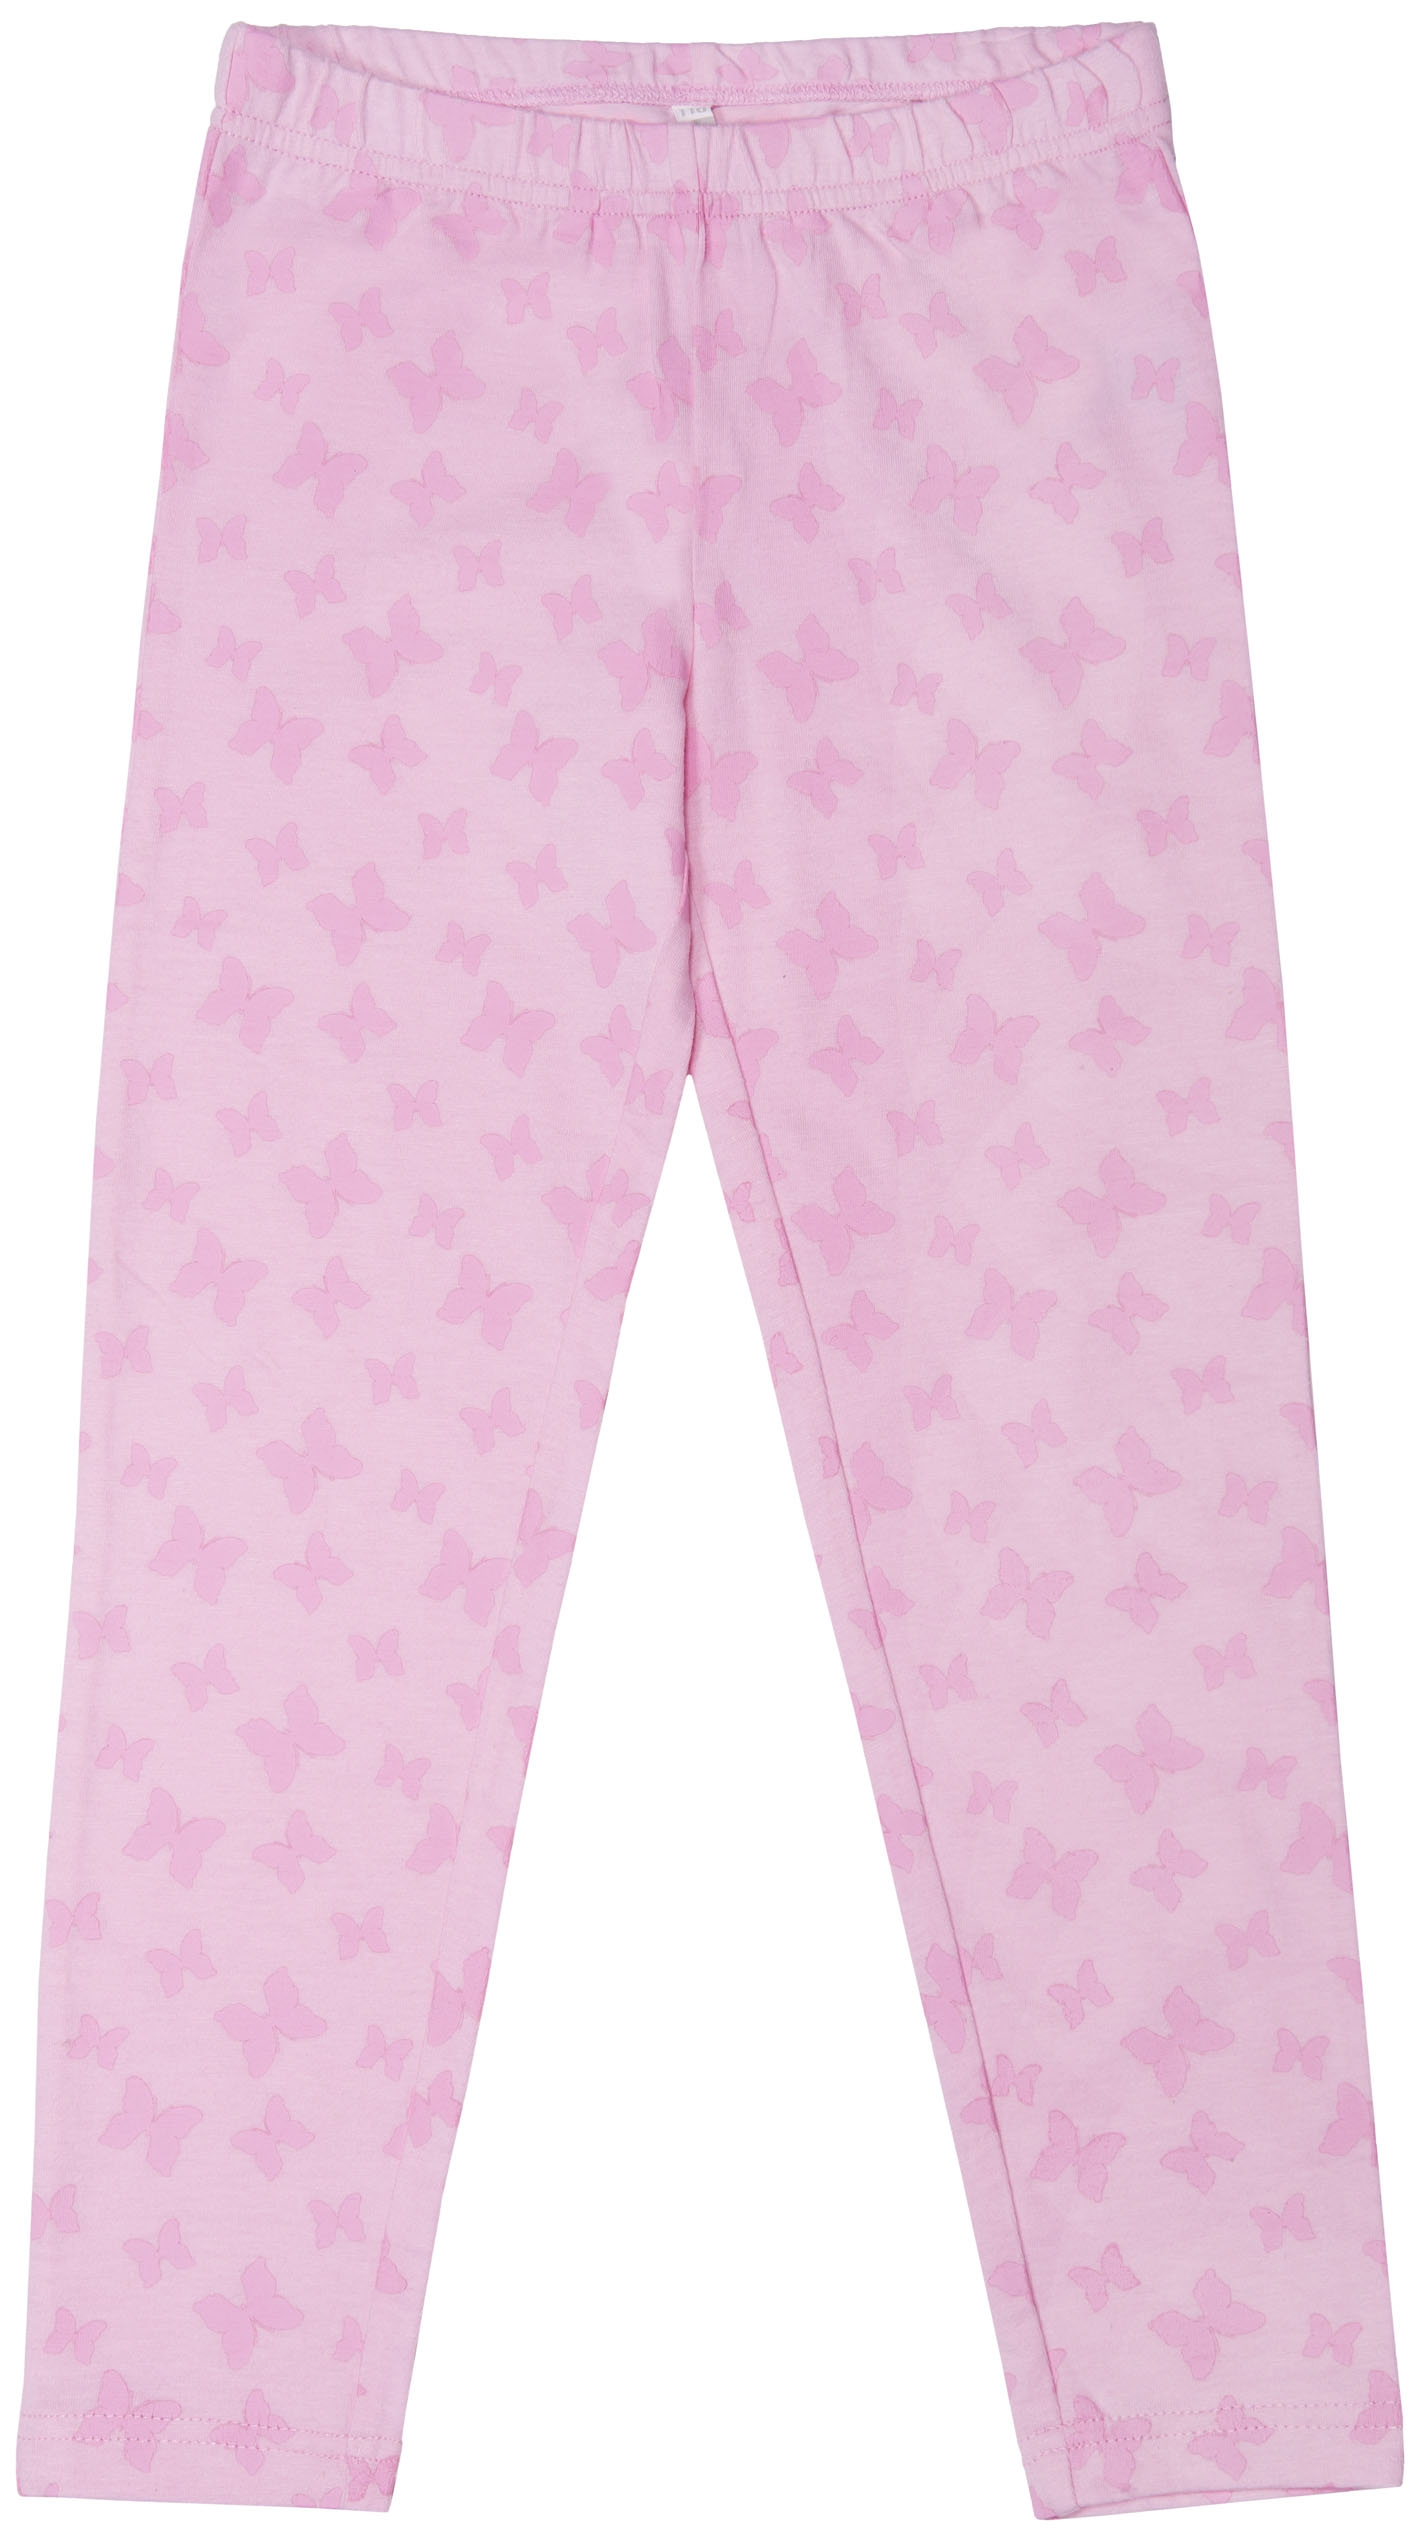 Брюки трикотажные для девочки Barkito База розовый с рисунком легинсы barkito база голубой с рисунком бабочки